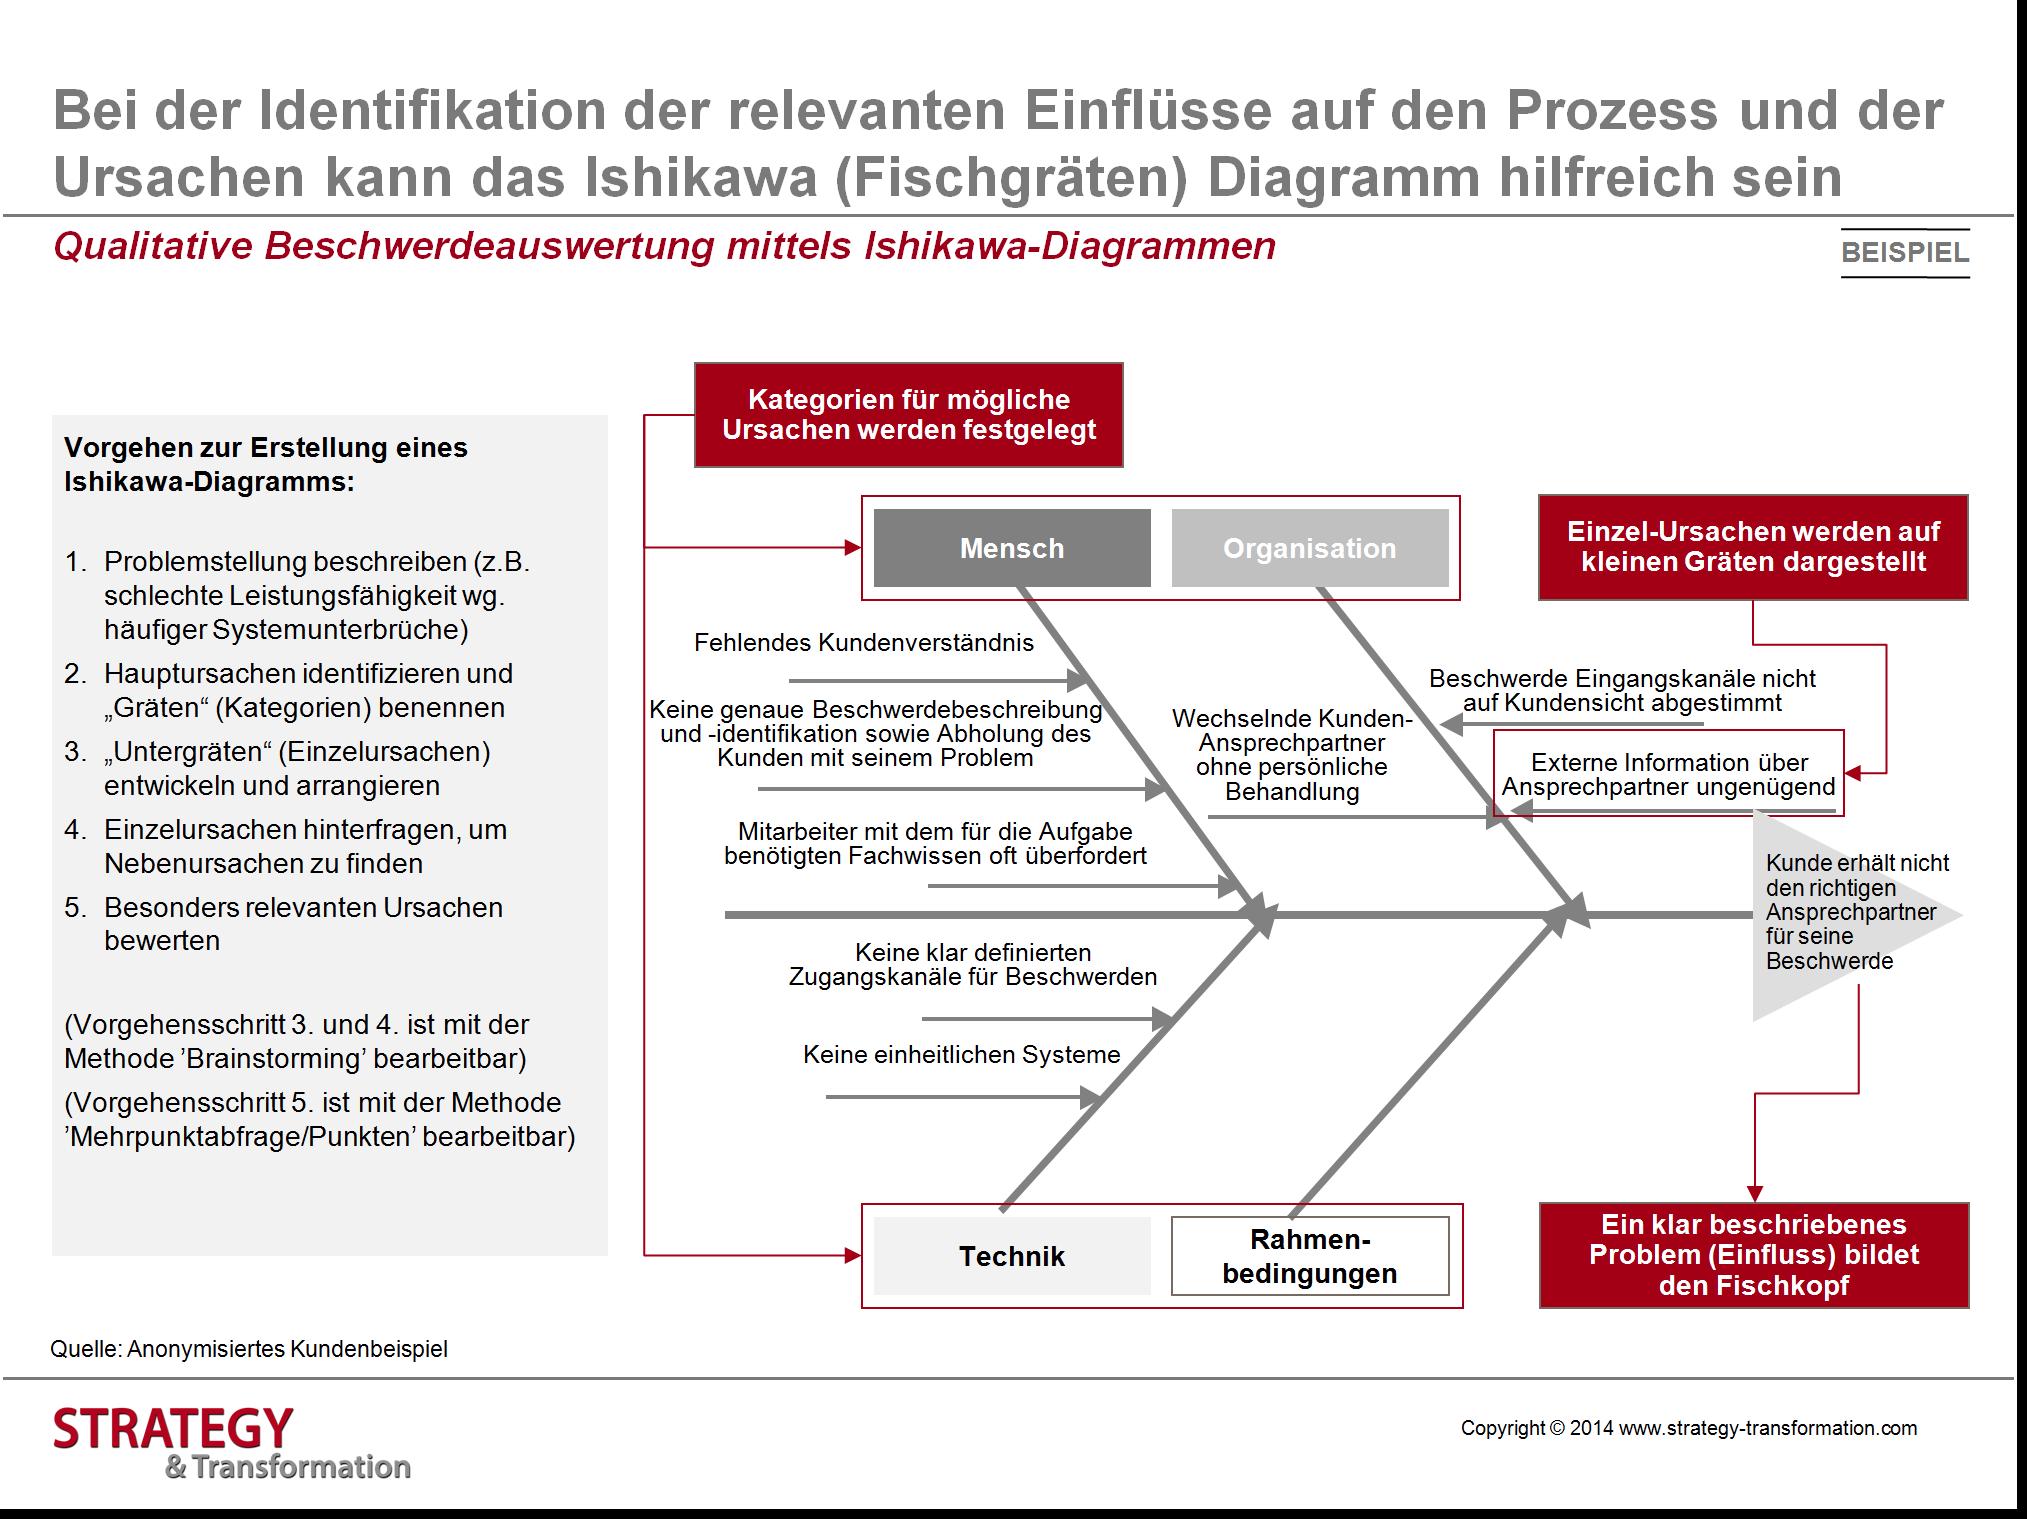 Bei der Identifikation der relevanten Einflüsse auf den Prozess und ...